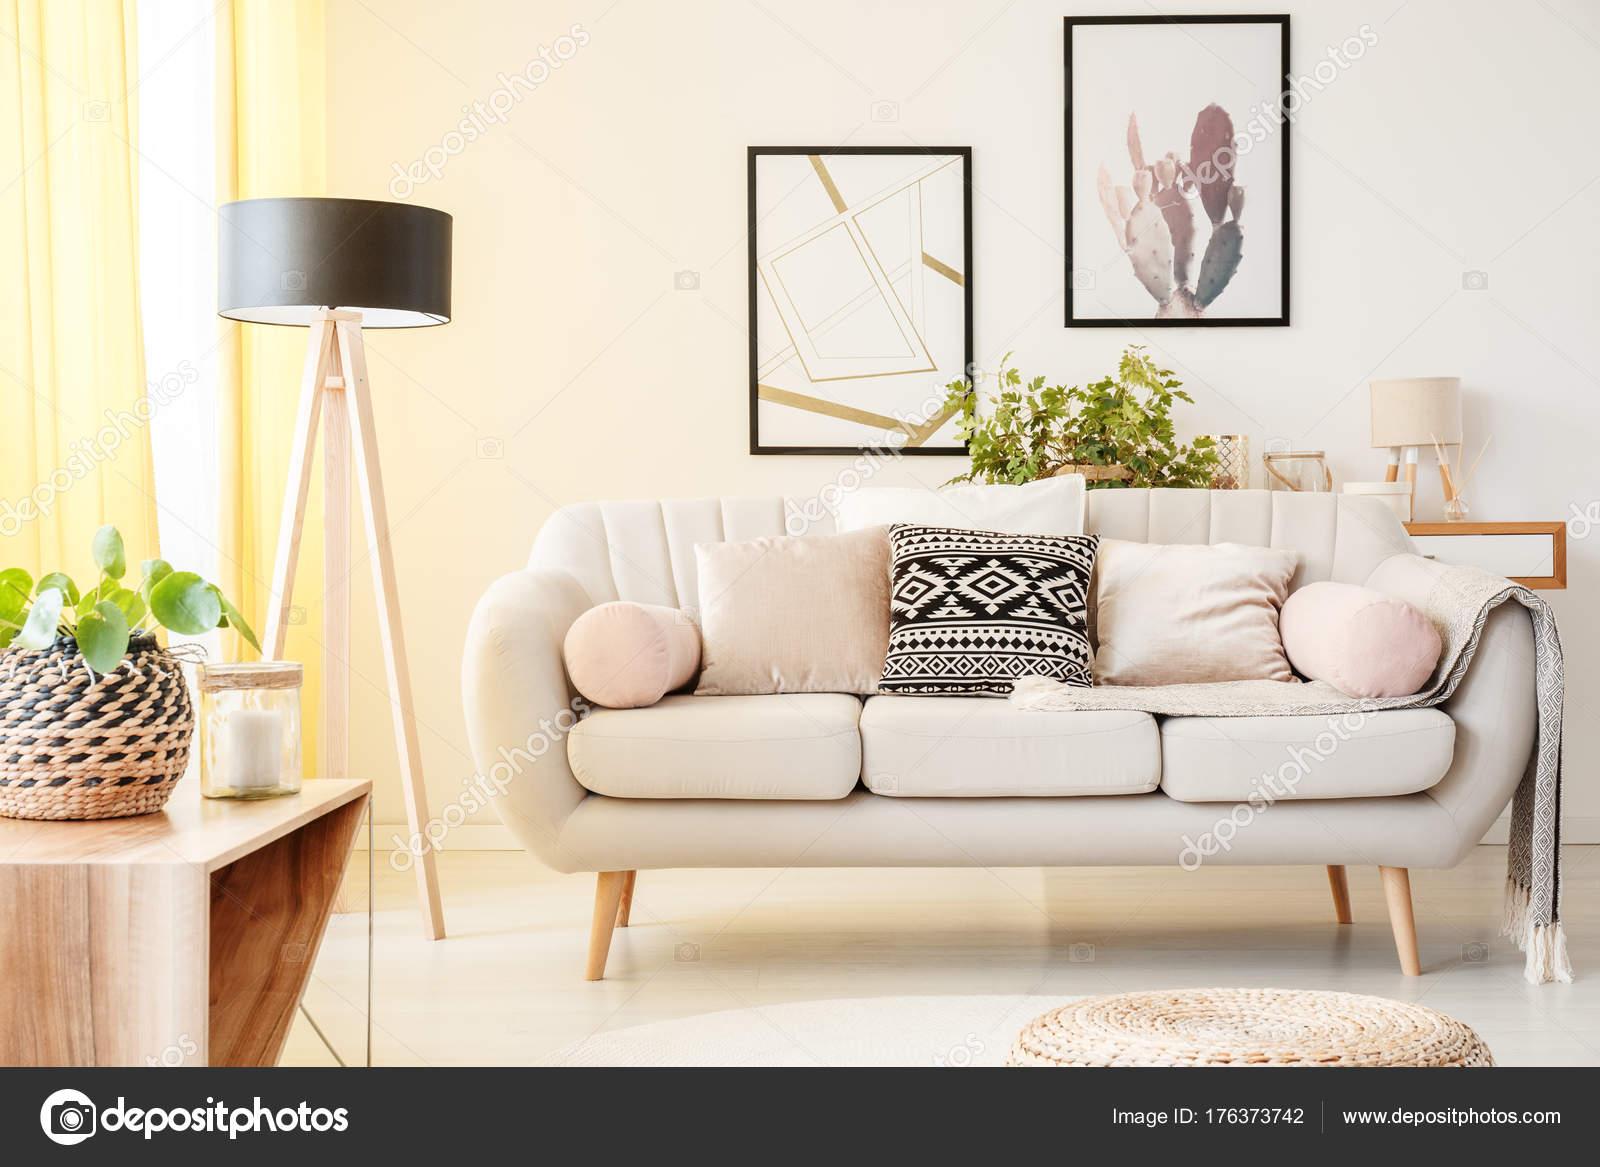 einfache Wohnzimmer — Stockfoto © photographee.eu #176373742